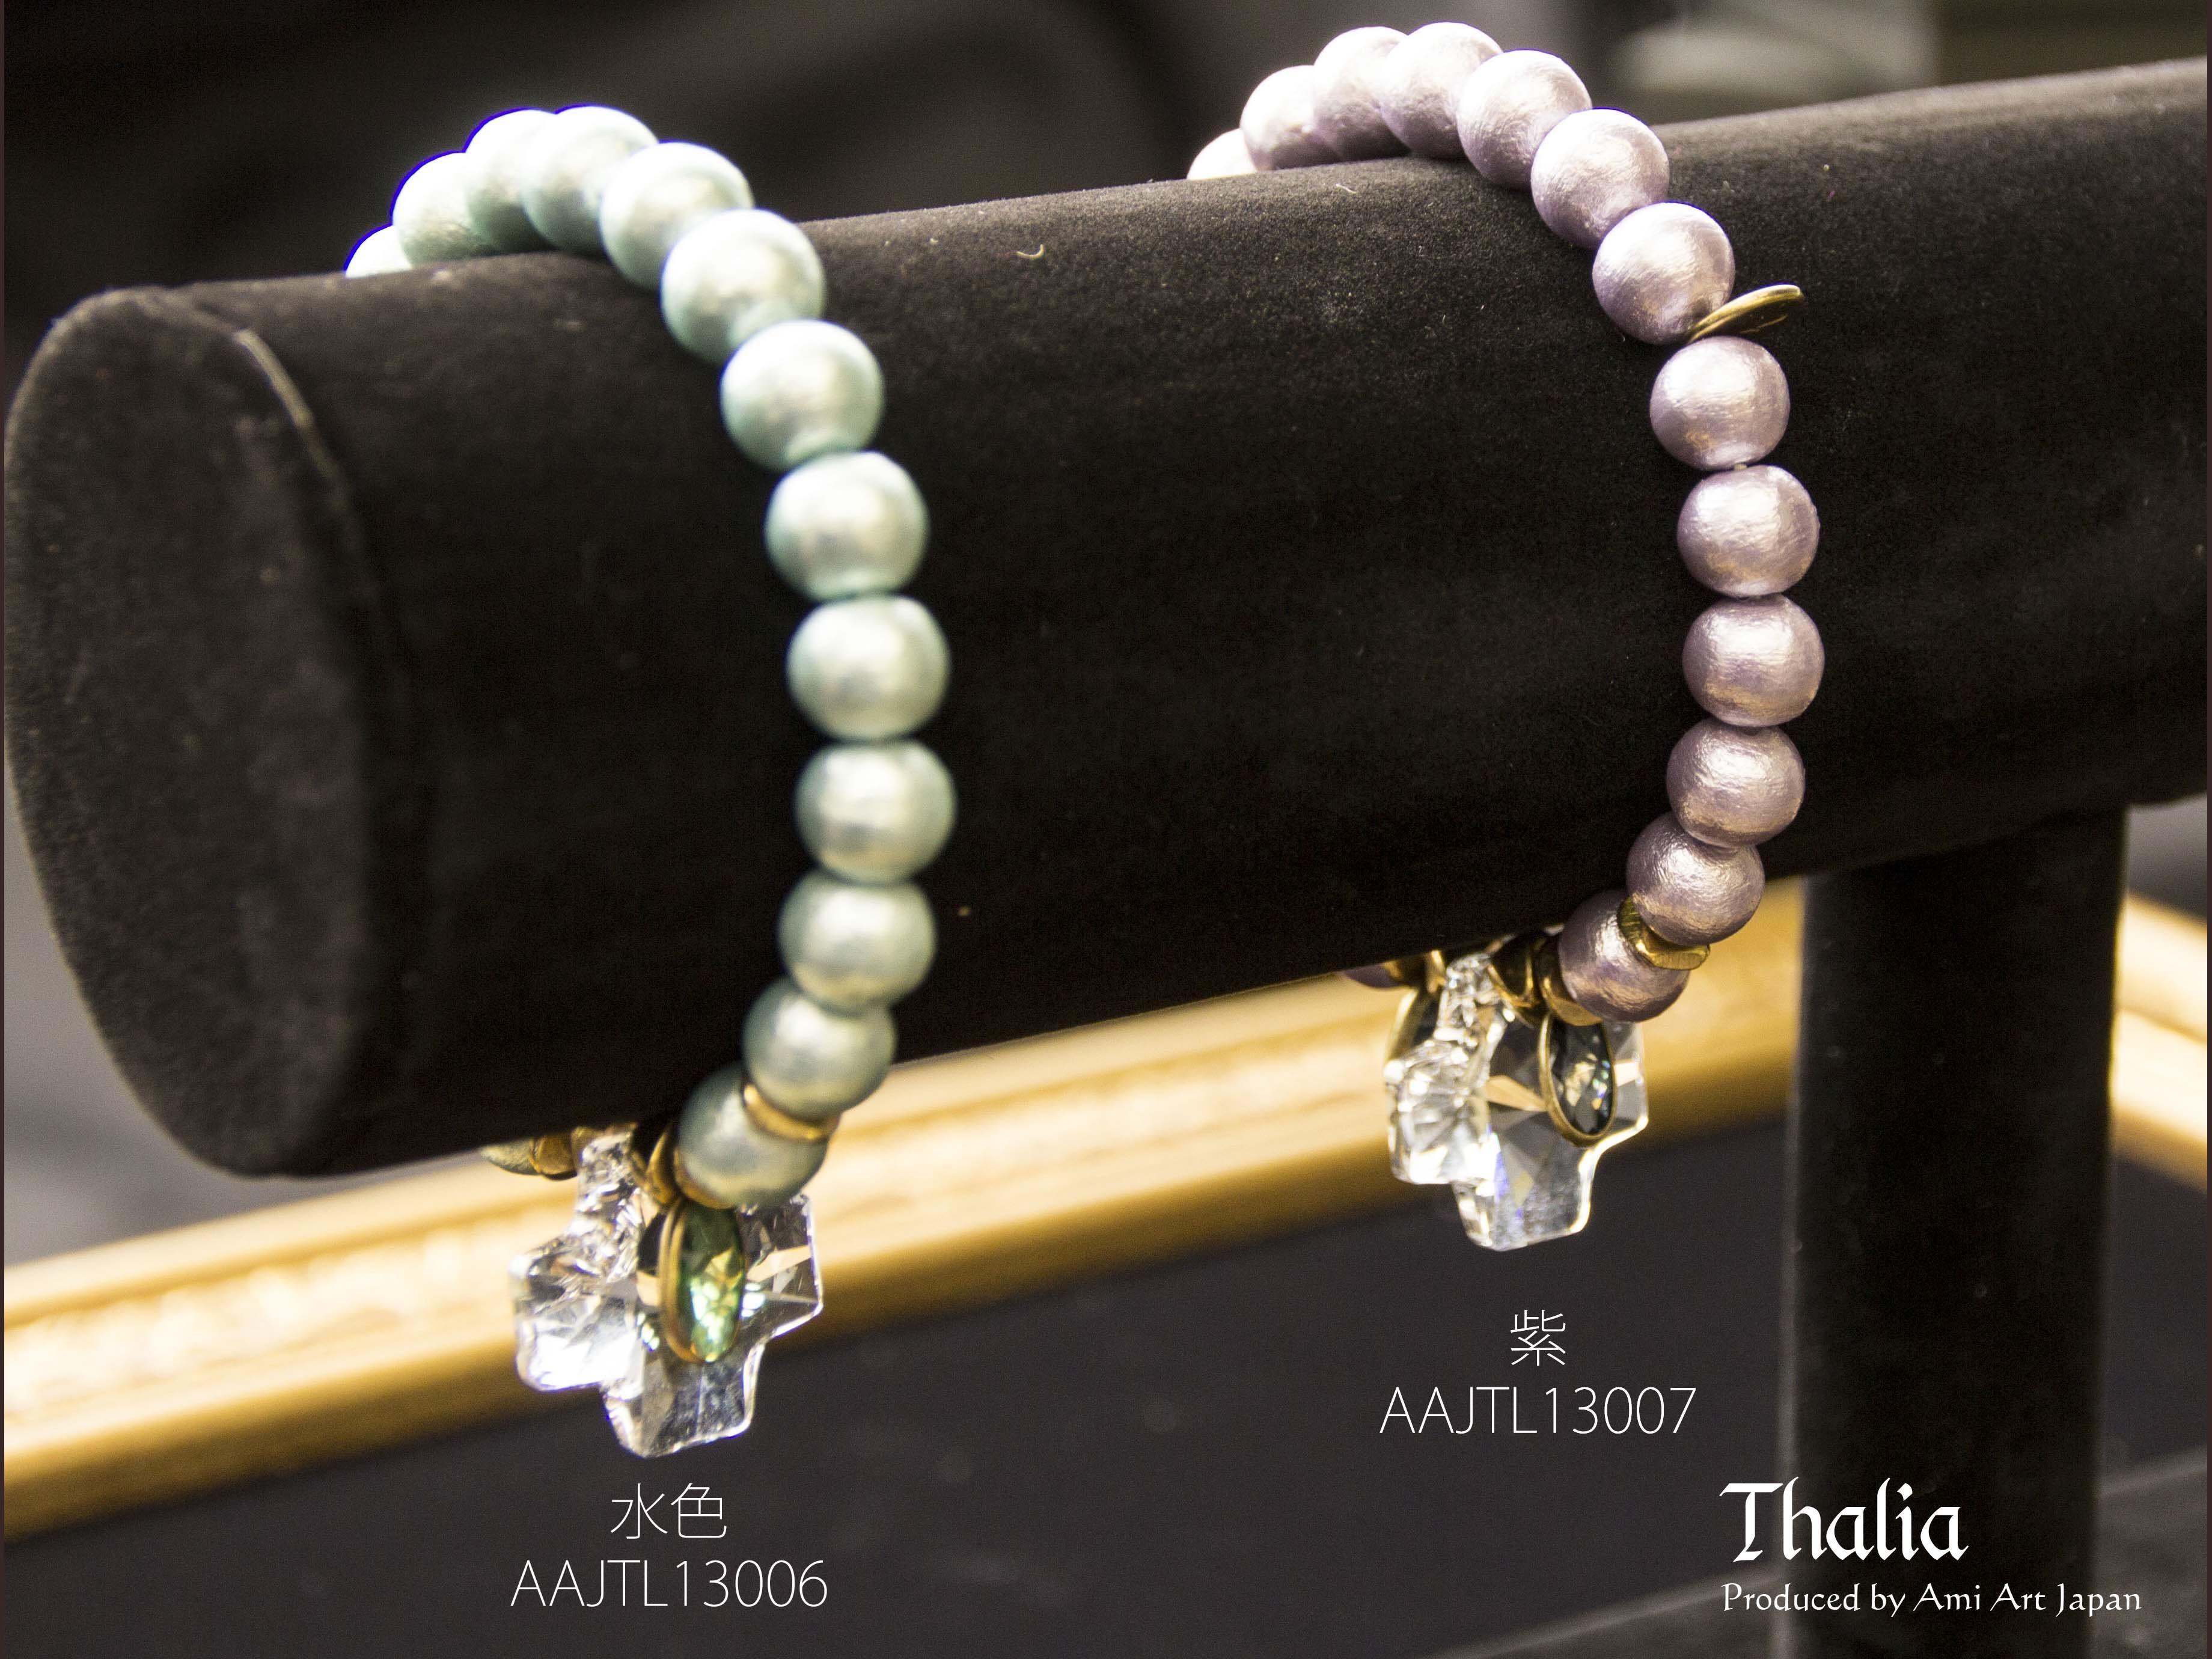 新春セール thalia Produced by Ami Art Japan (アミアートジャパン)コットンパールブレスレット レディース AAJTL13006, 007, 008